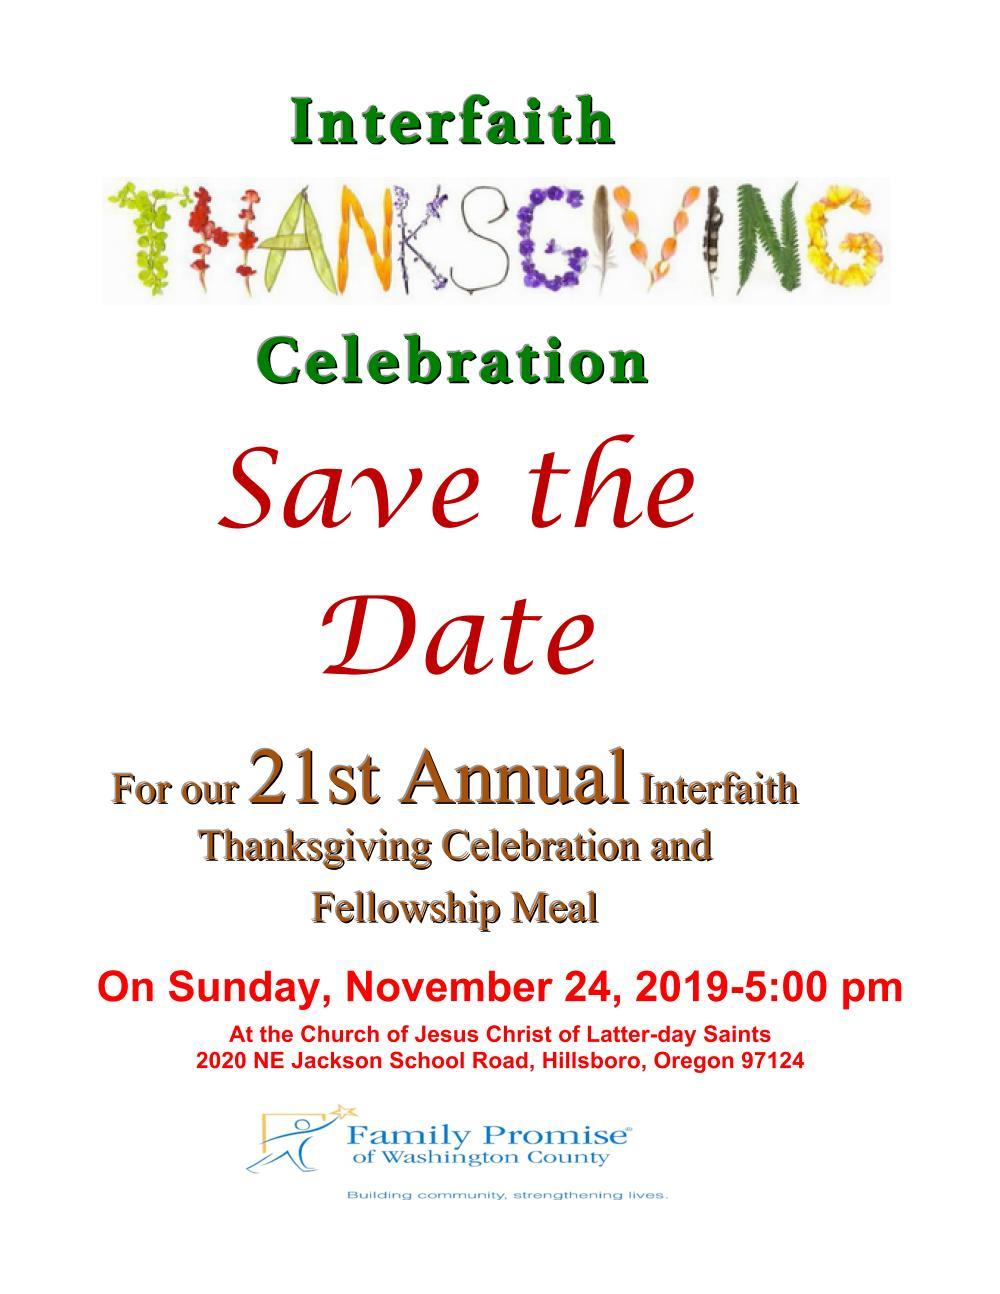 Interfaith Thanksgiving Celebration